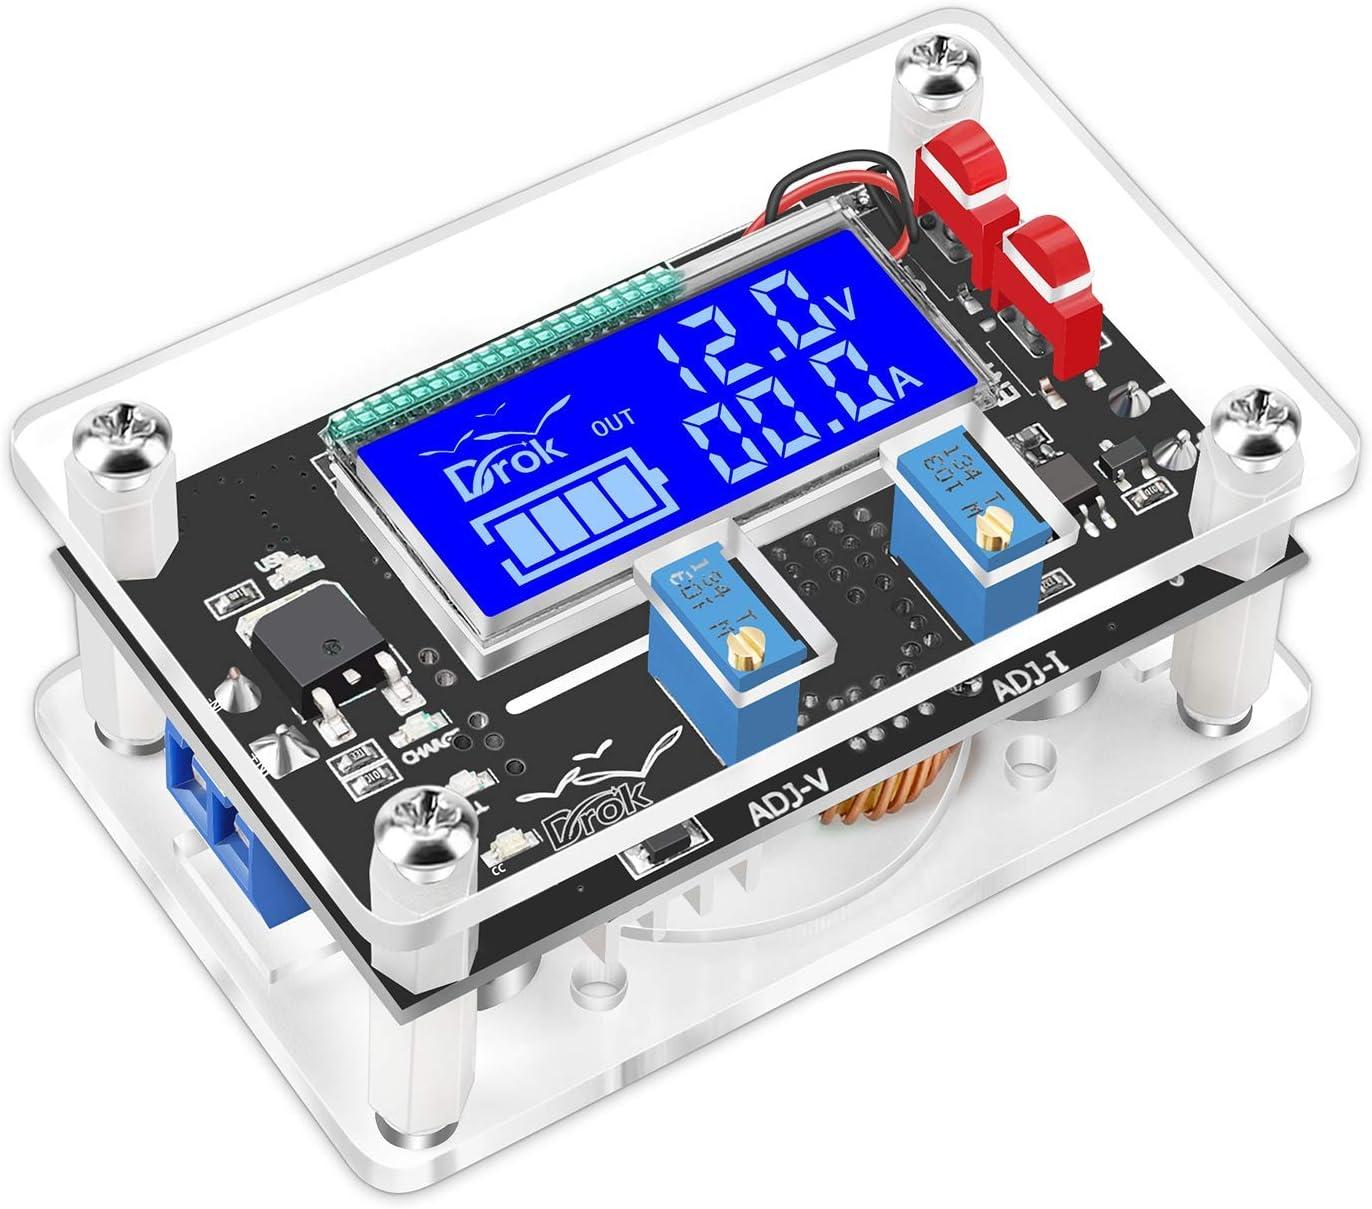 DC Buck Module, DROK Adjustable Buck Converter Step Down Voltage Regulator 6V-32V 30V 24V 12V to 1.5-32V 5V 5A LCD Power Supply Volt Reducer Transformer Module Board with USB Port Protective Case